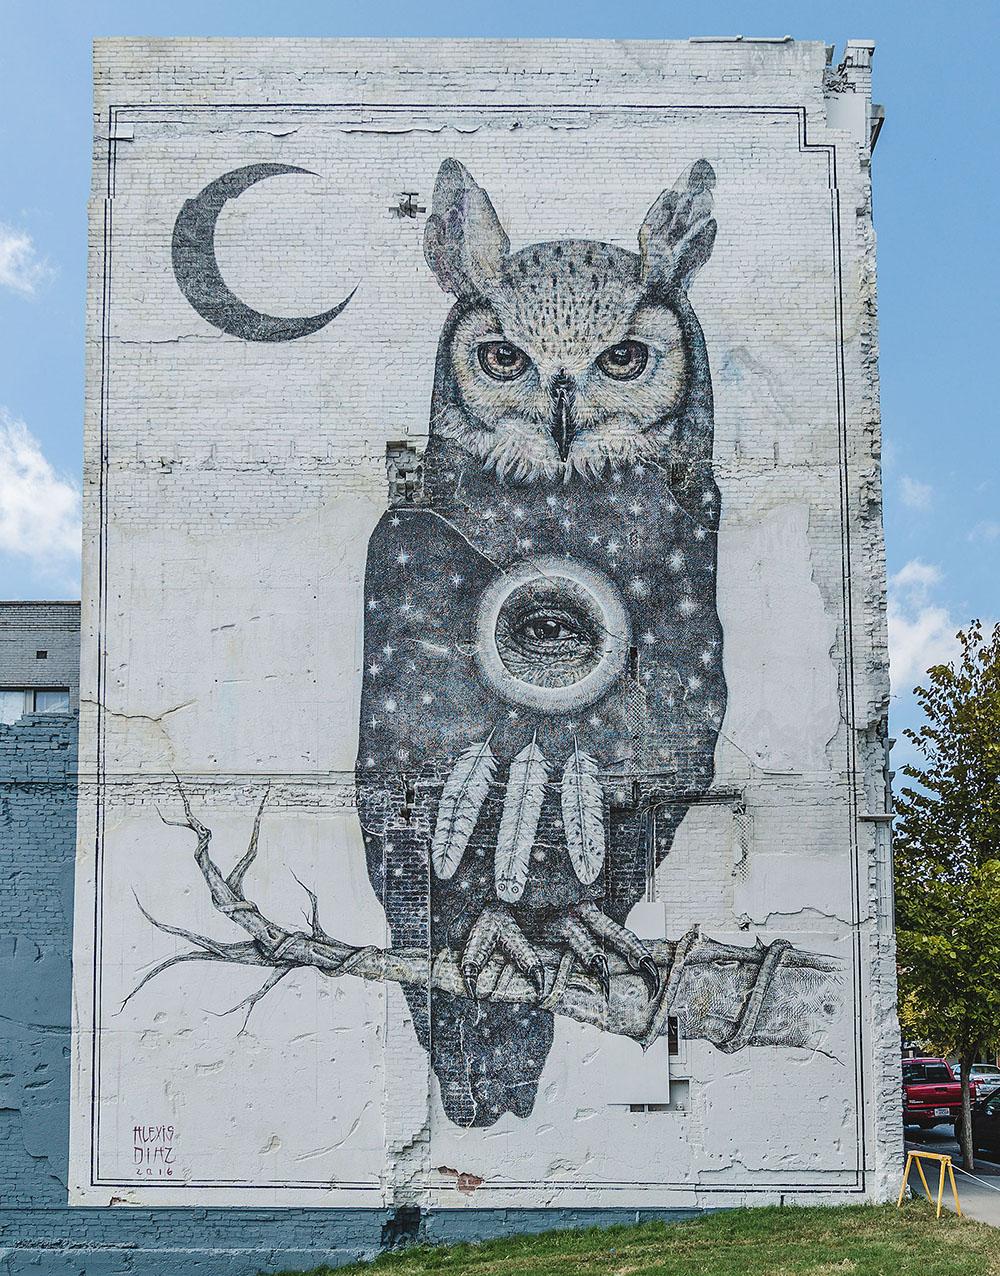 Открытая галерея в городской среде: фестиваль уличного искусства в Форт-Смите